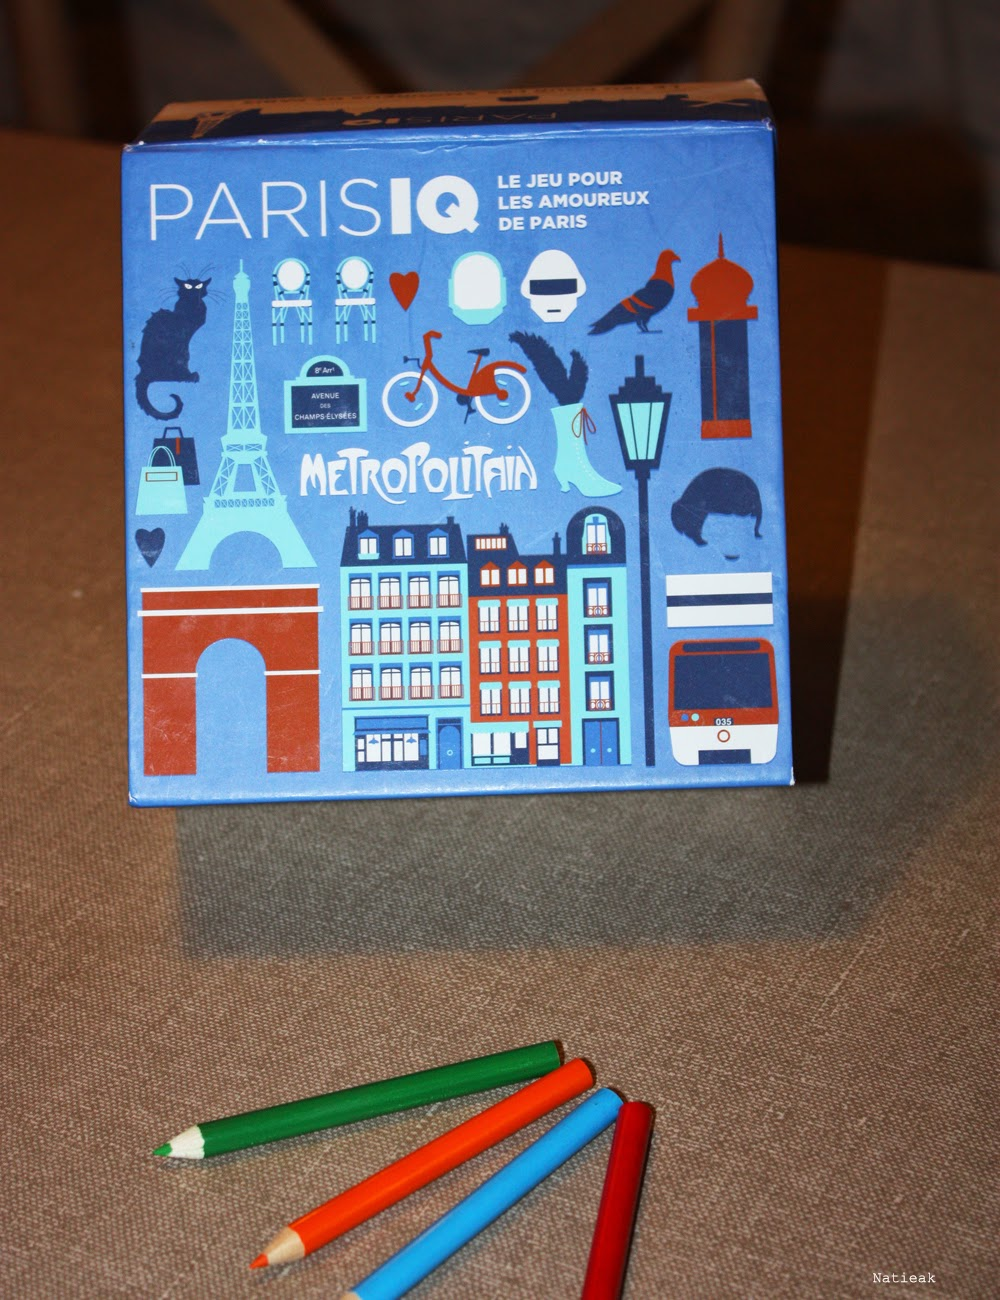 ParisIQ